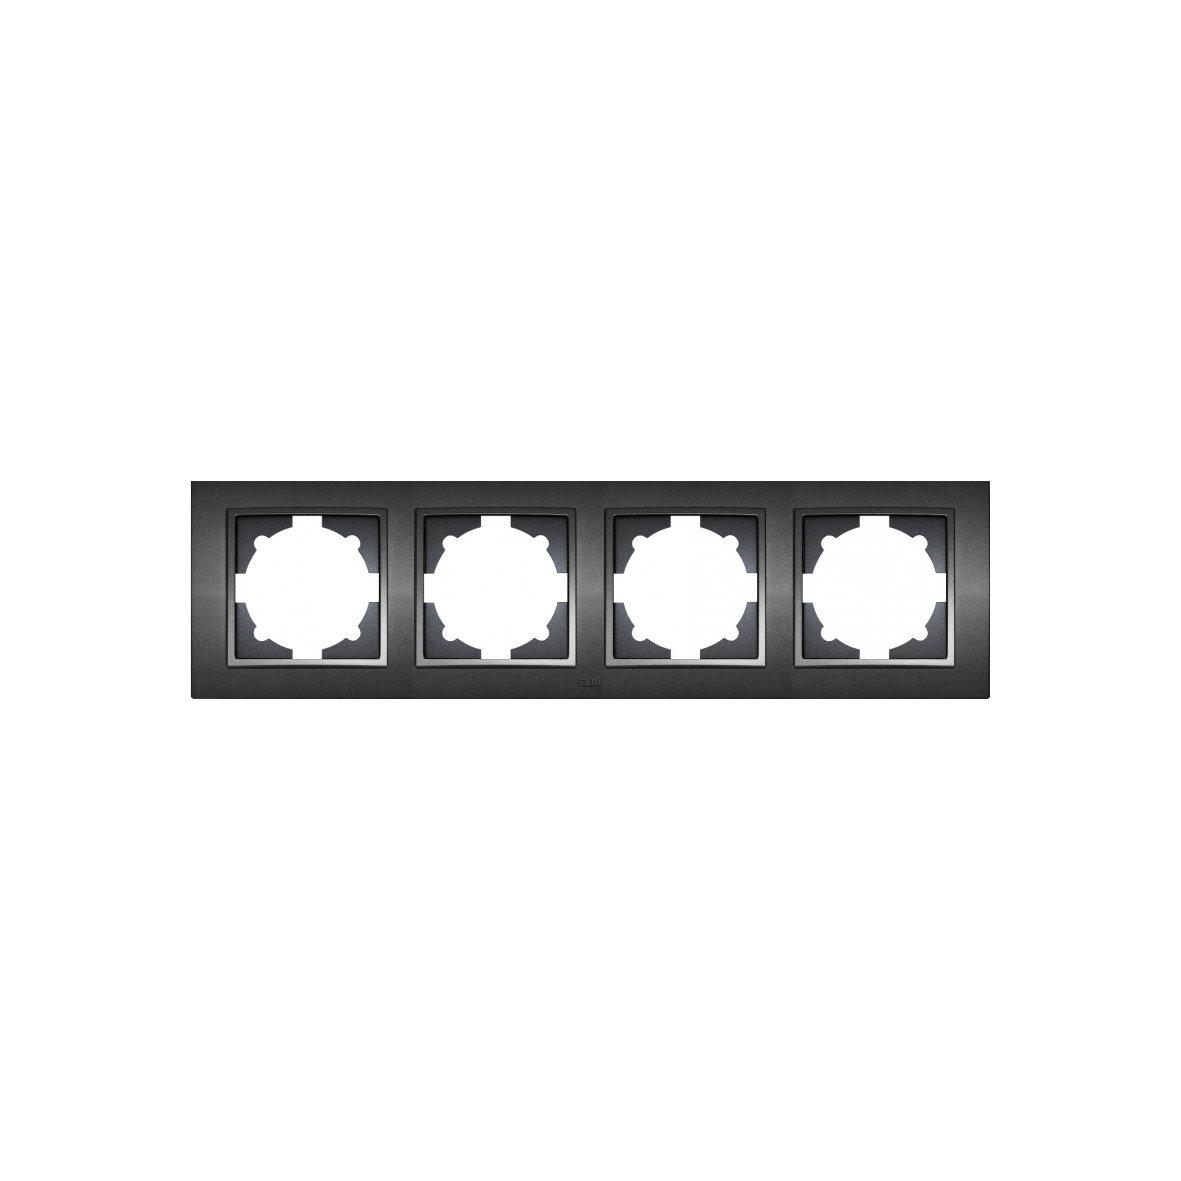 EL-BI ZENA Unterputz Schalterprogramm Schalter Serie schwarz ...